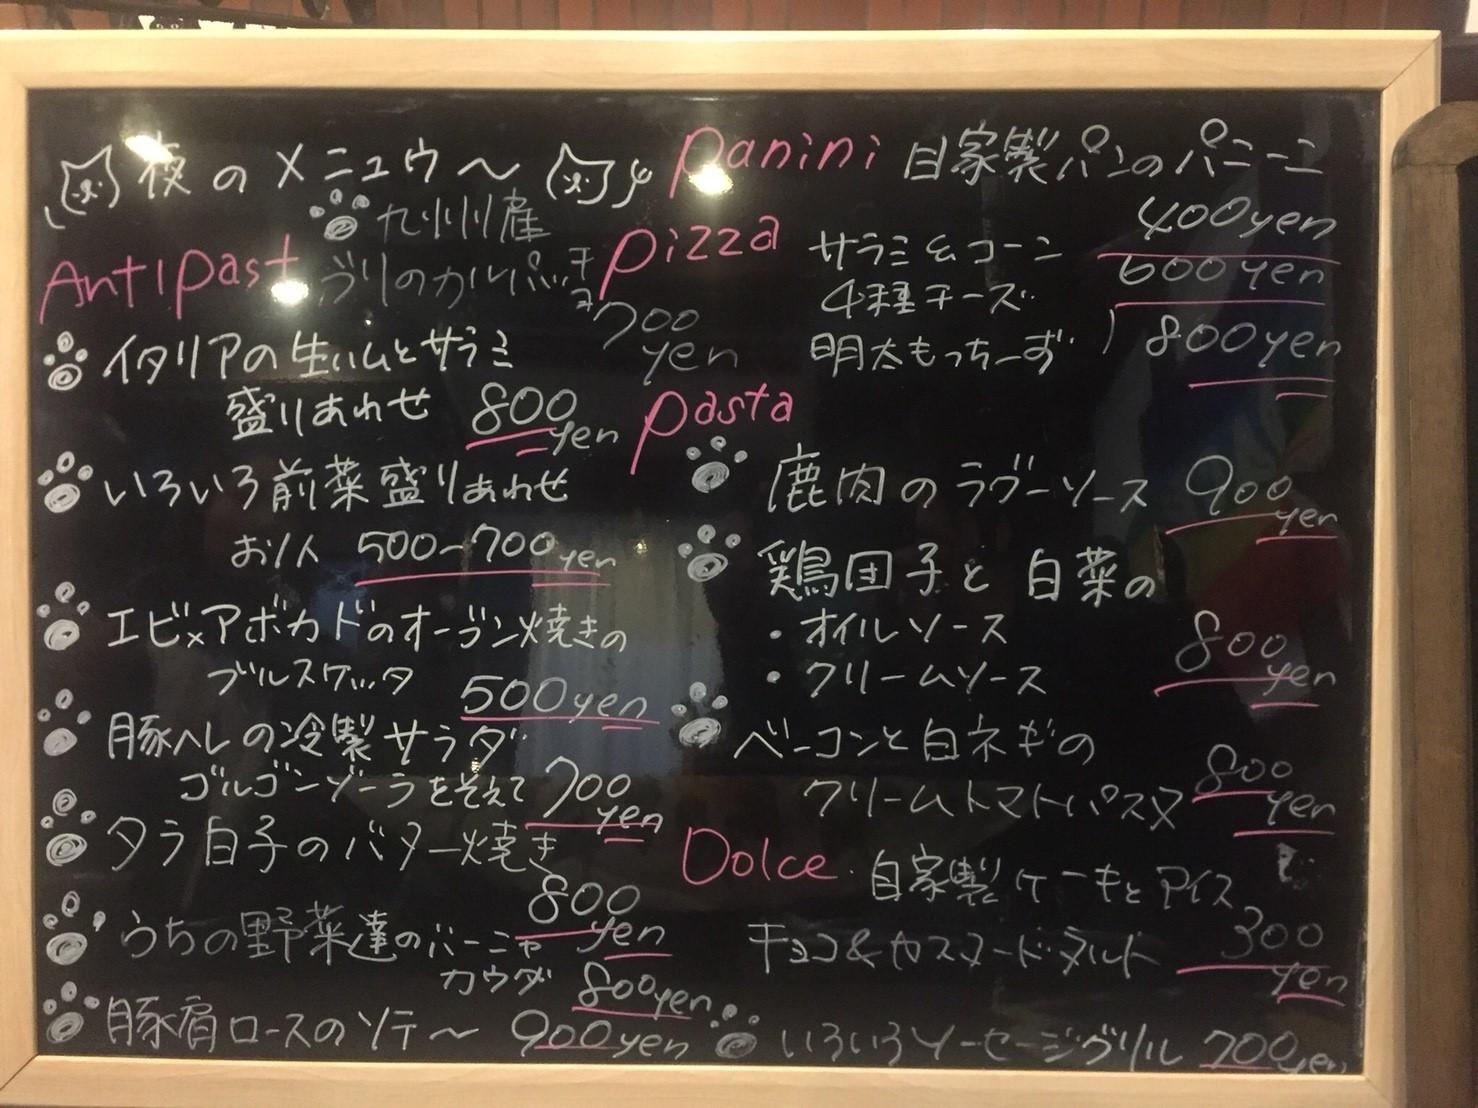 Vineria 農楽ttoria 山猫軒_e0115904_06274224.jpg